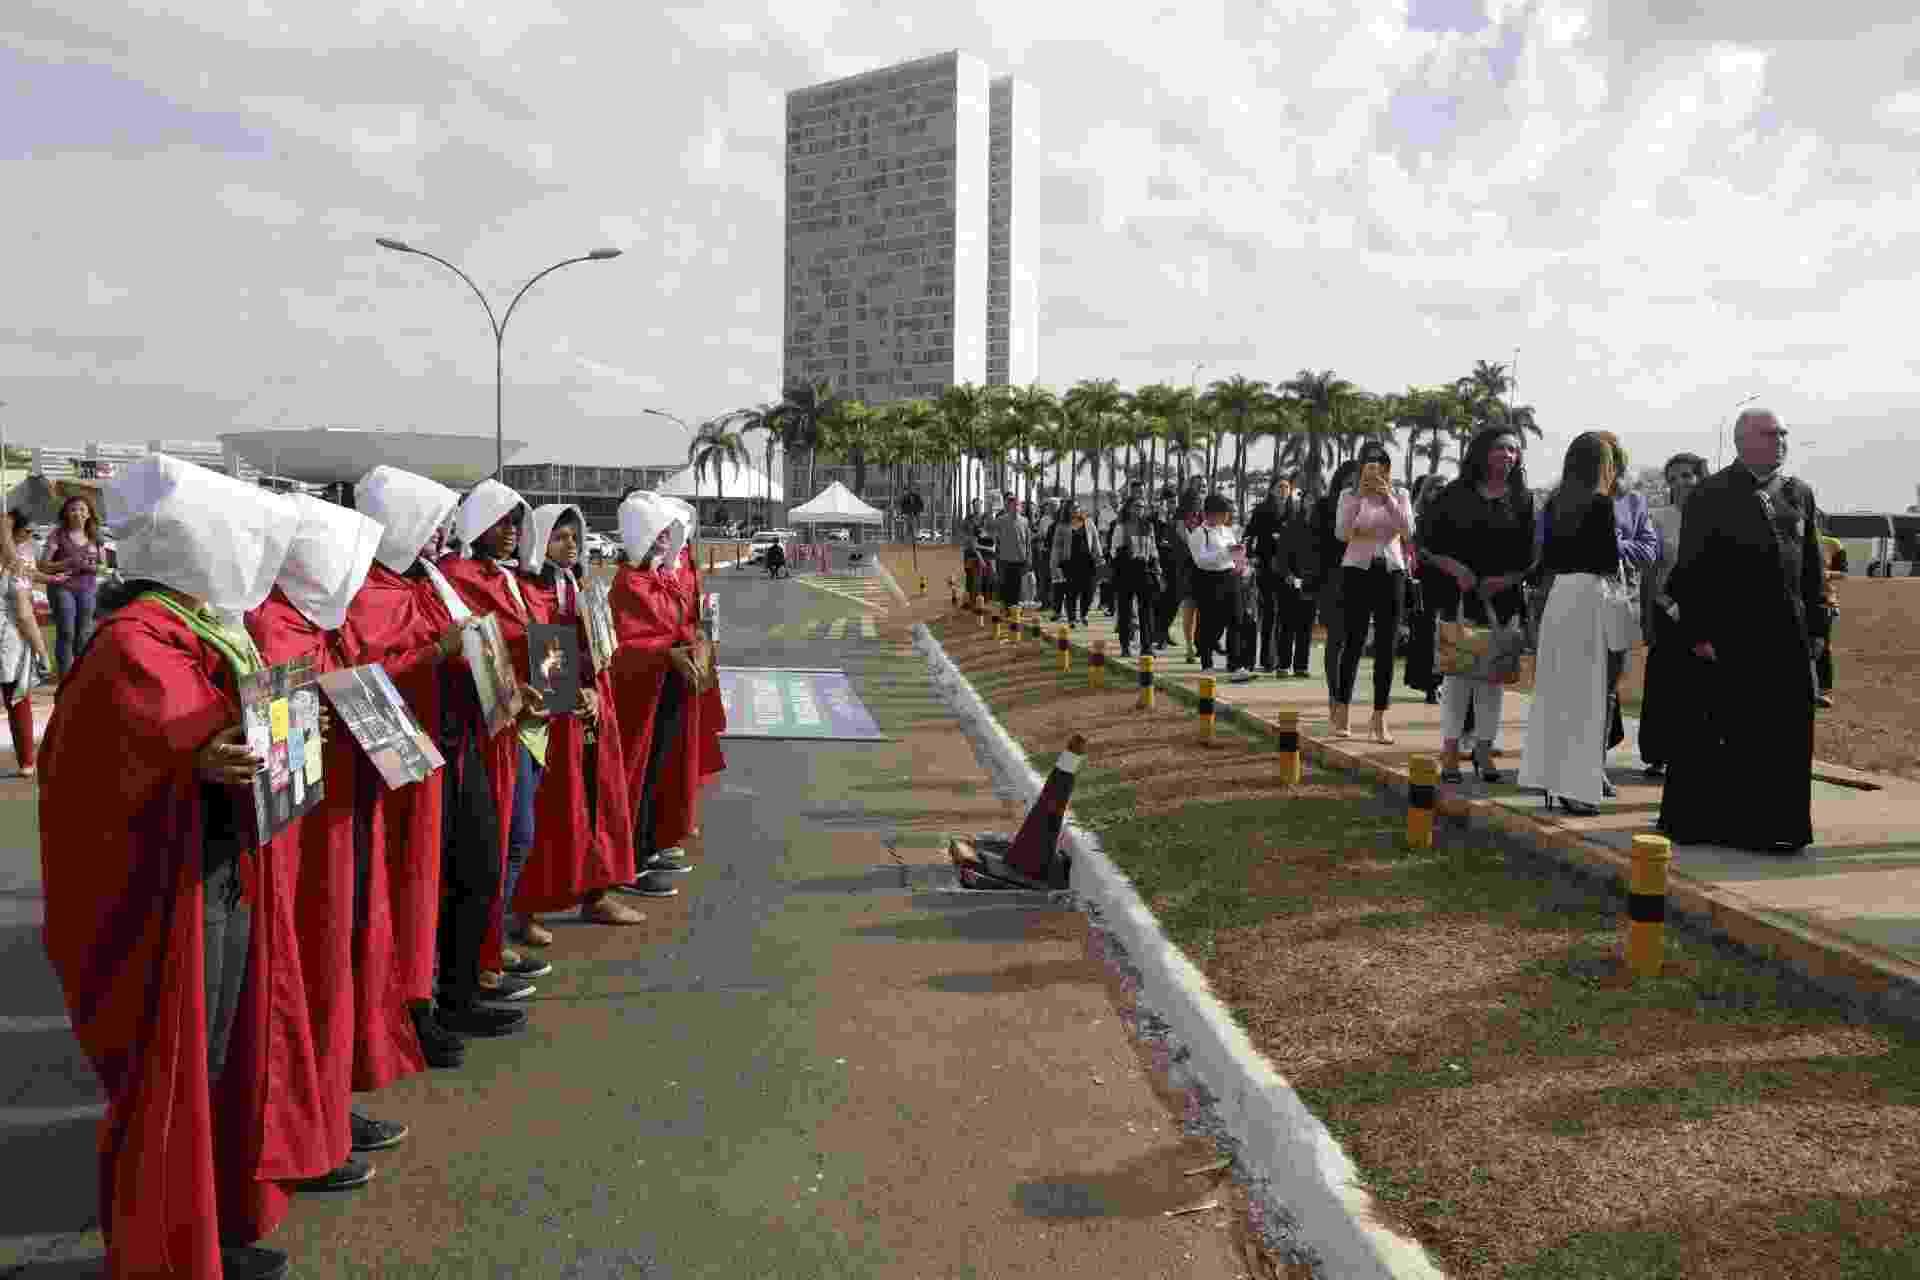 Militantes a favor e grupos religiosos contrários se manifestam na entrada do STF em Brasília - Lúcio Távora